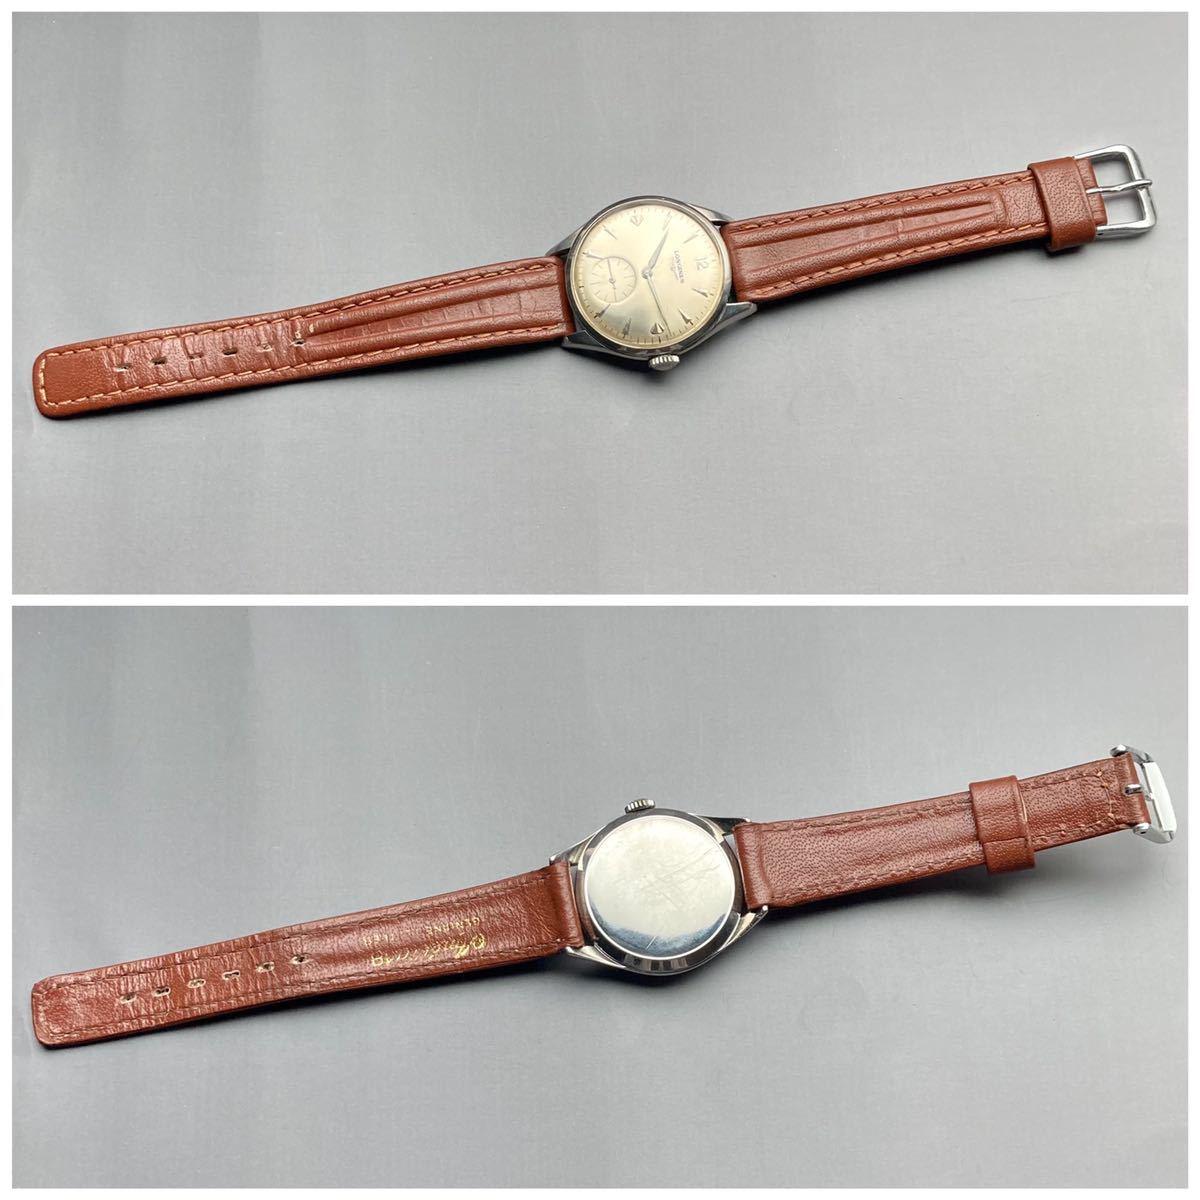 動作良好★ロンジン アンティーク 腕時計 1950年代 メンズ 手巻き cal.12.68Z ケース径33㎜ LONGINES ビンテージ ウォッチ 男性 スイス_画像6